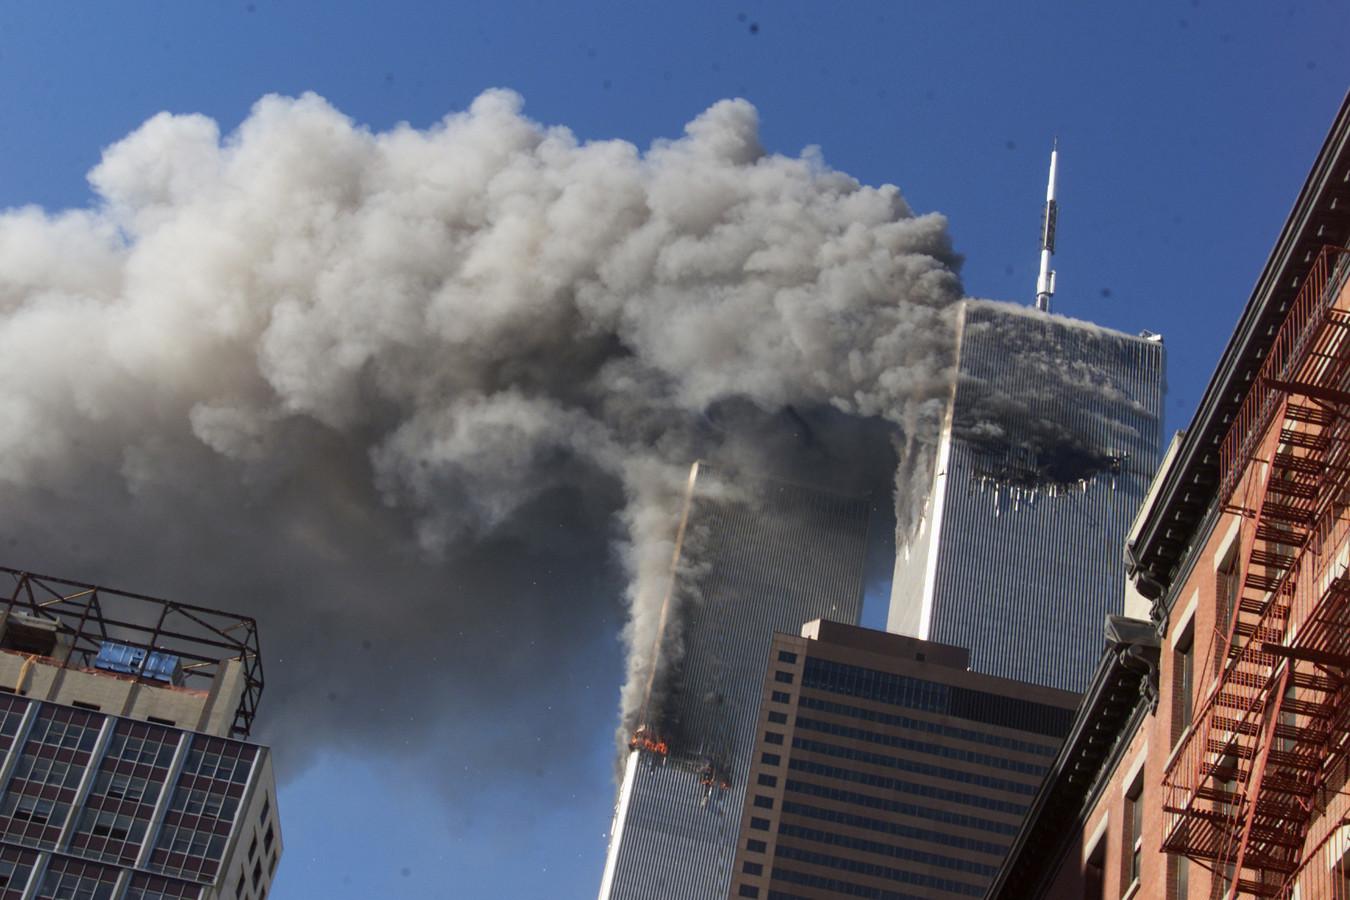 De terreuraanslagen van 11 september 2001 haalde Trump aan als motivatie voor zijn moslimban. Alleen: geen enkele van de aanslagplegers kwam uit een van de zeven door Trump geviseerde landen.